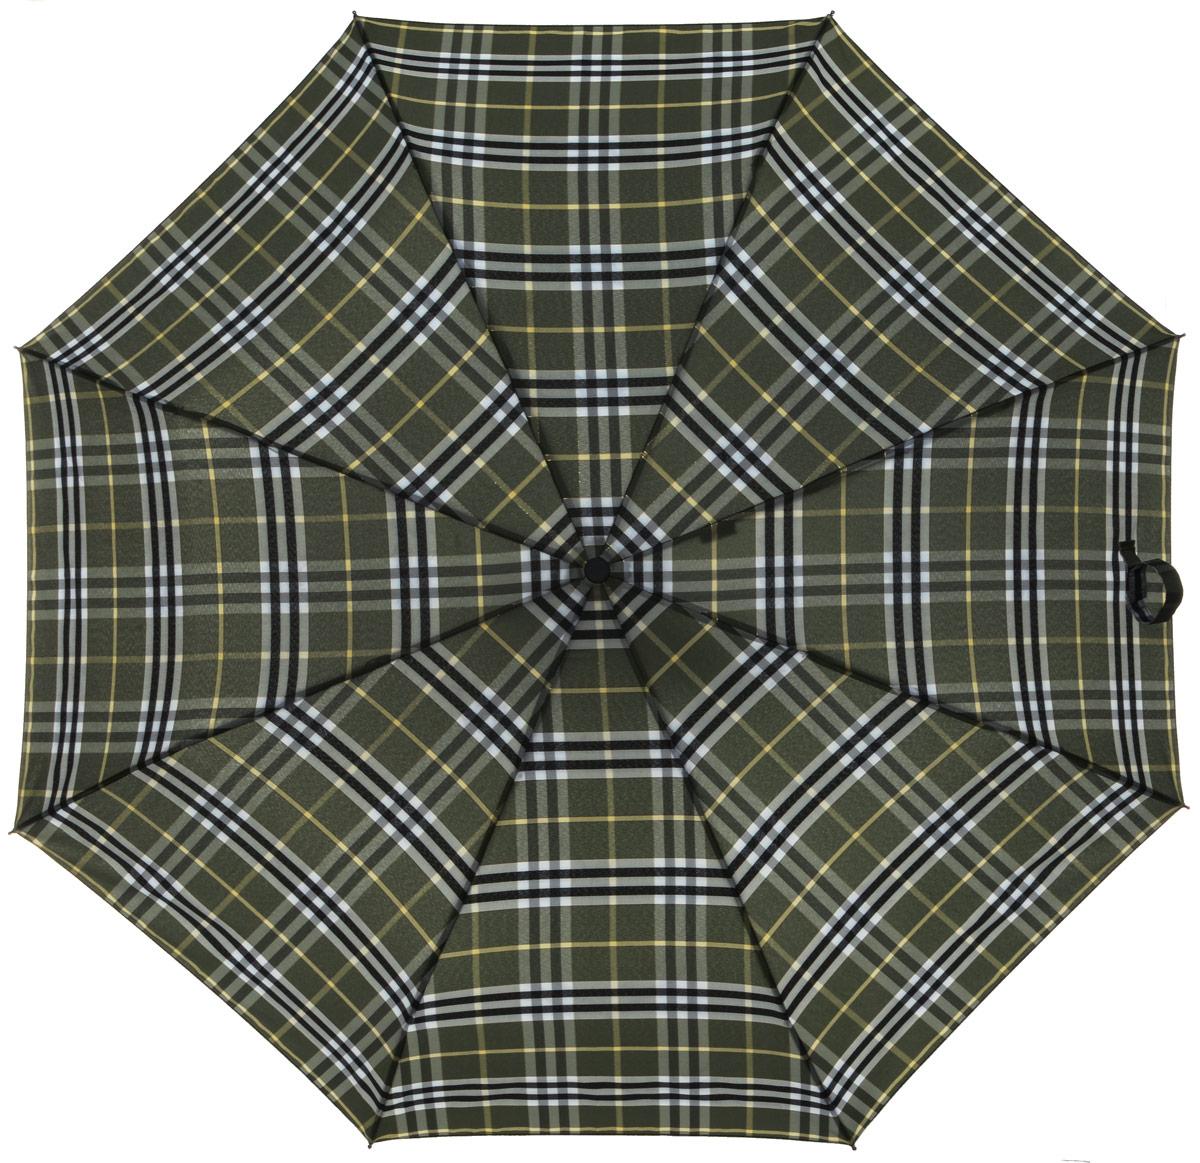 Зонт женский Labbra, автомат, 3 сложения, цвет: оливковый. A3-05-031A3-05-031Яркий зонт Labbra не оставит вас незамеченной. Зонт оформлен оригинальным принтом. Зонт состоит из восьми спиц и стержня, изготовленных из стали и фибергласса. Купол выполнен из качественного полиэстера и эпонжа, которые не пропускают воду. Зонт дополнен удобной ручкой из пластика. Зонт имеет автоматический механизм сложения: купол открывается и закрывается нажатием кнопки на ручке, стержень складывается вручную до характерного щелчка, благодаря чему открыть и закрыть зонт можно одной рукой. Ручка дополнена петлей, благодаря которой зонт можно носить на запястье . К зонту прилагается чехол. Удобный и практичный аксессуар даже в ненастную погоду позволит вам оставаться стильной и элегантной.